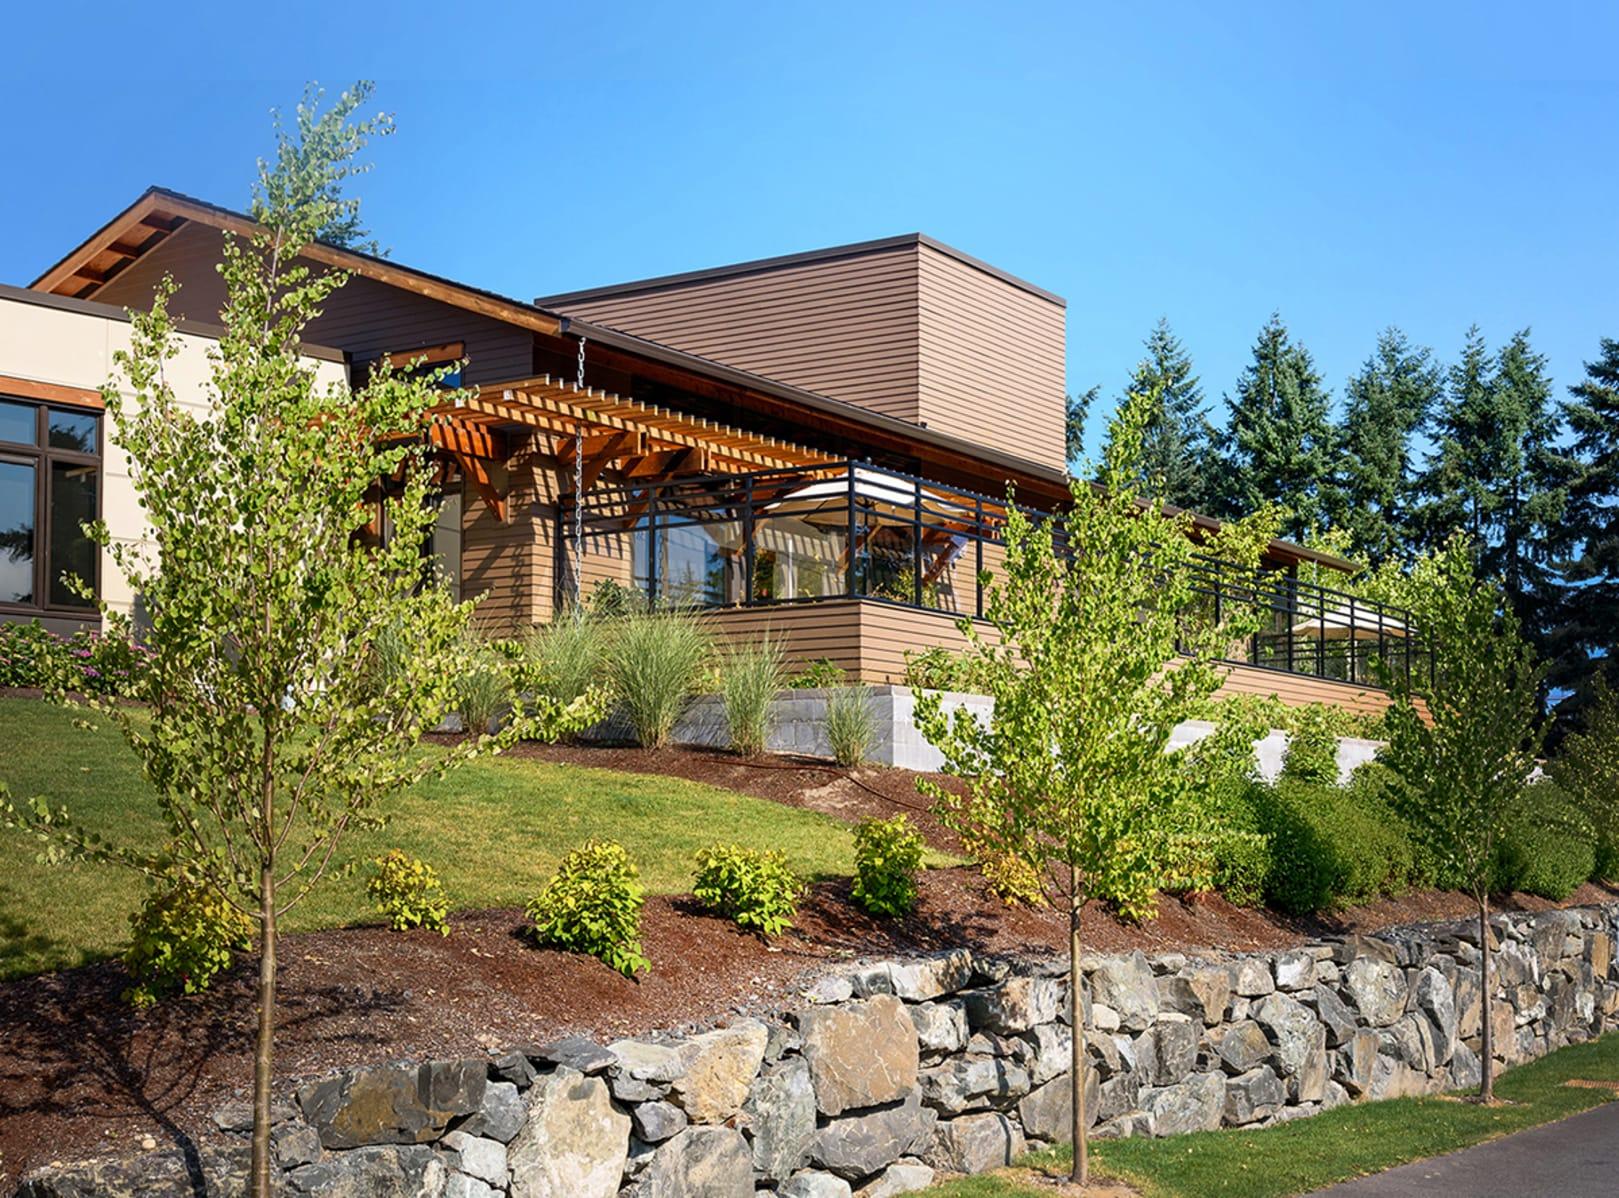 North Ridge at Tacoma Lutheran